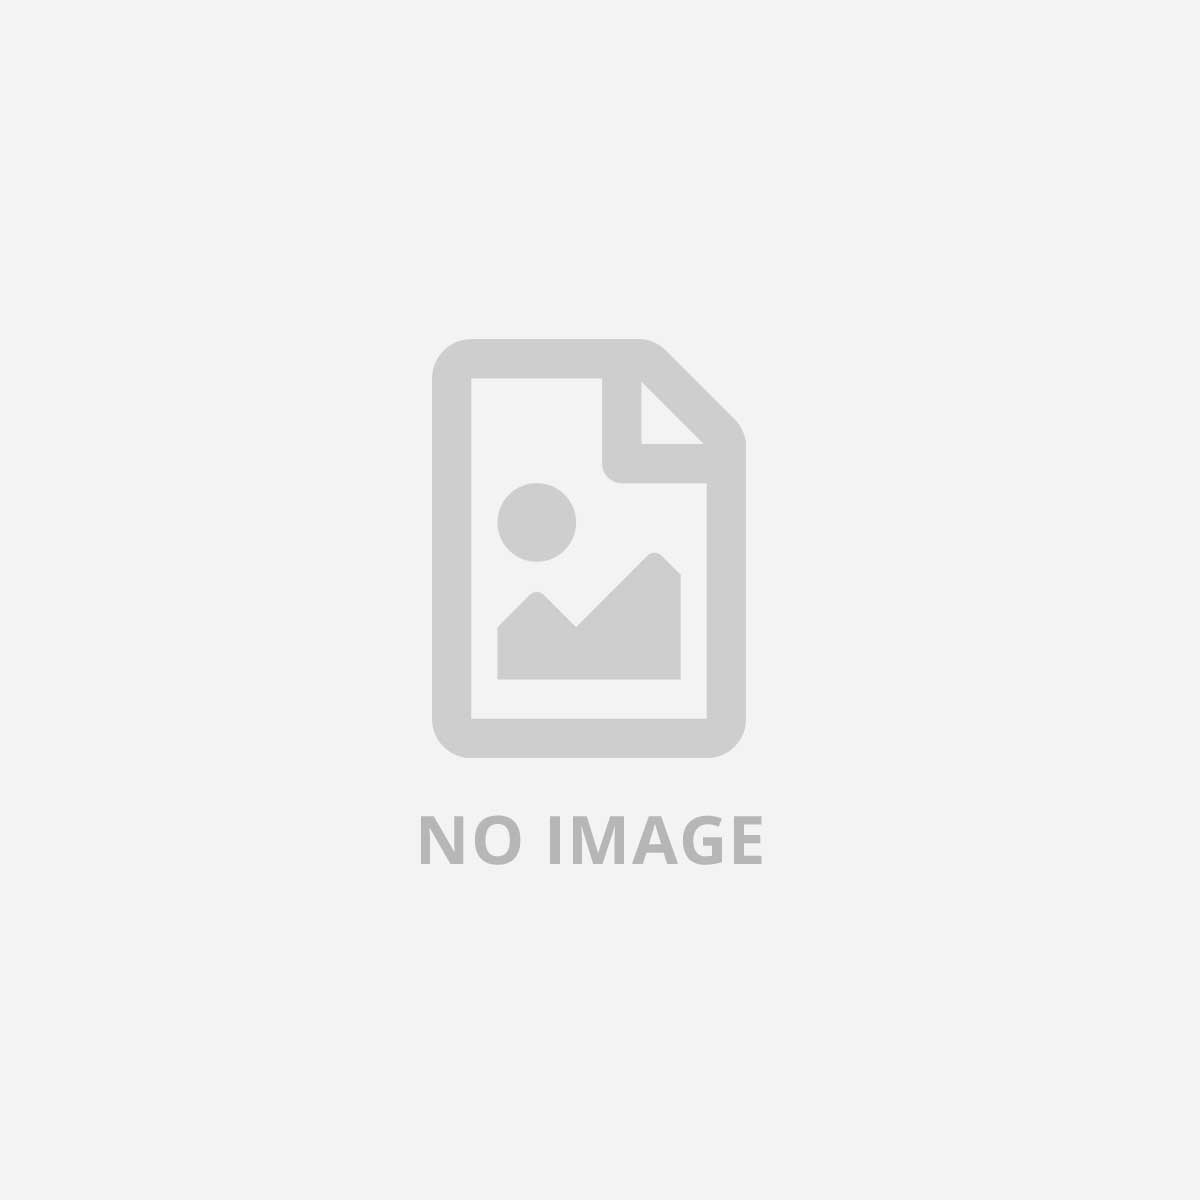 EPSON CARTA MATTE DA ARCHIVIO A3 50FG